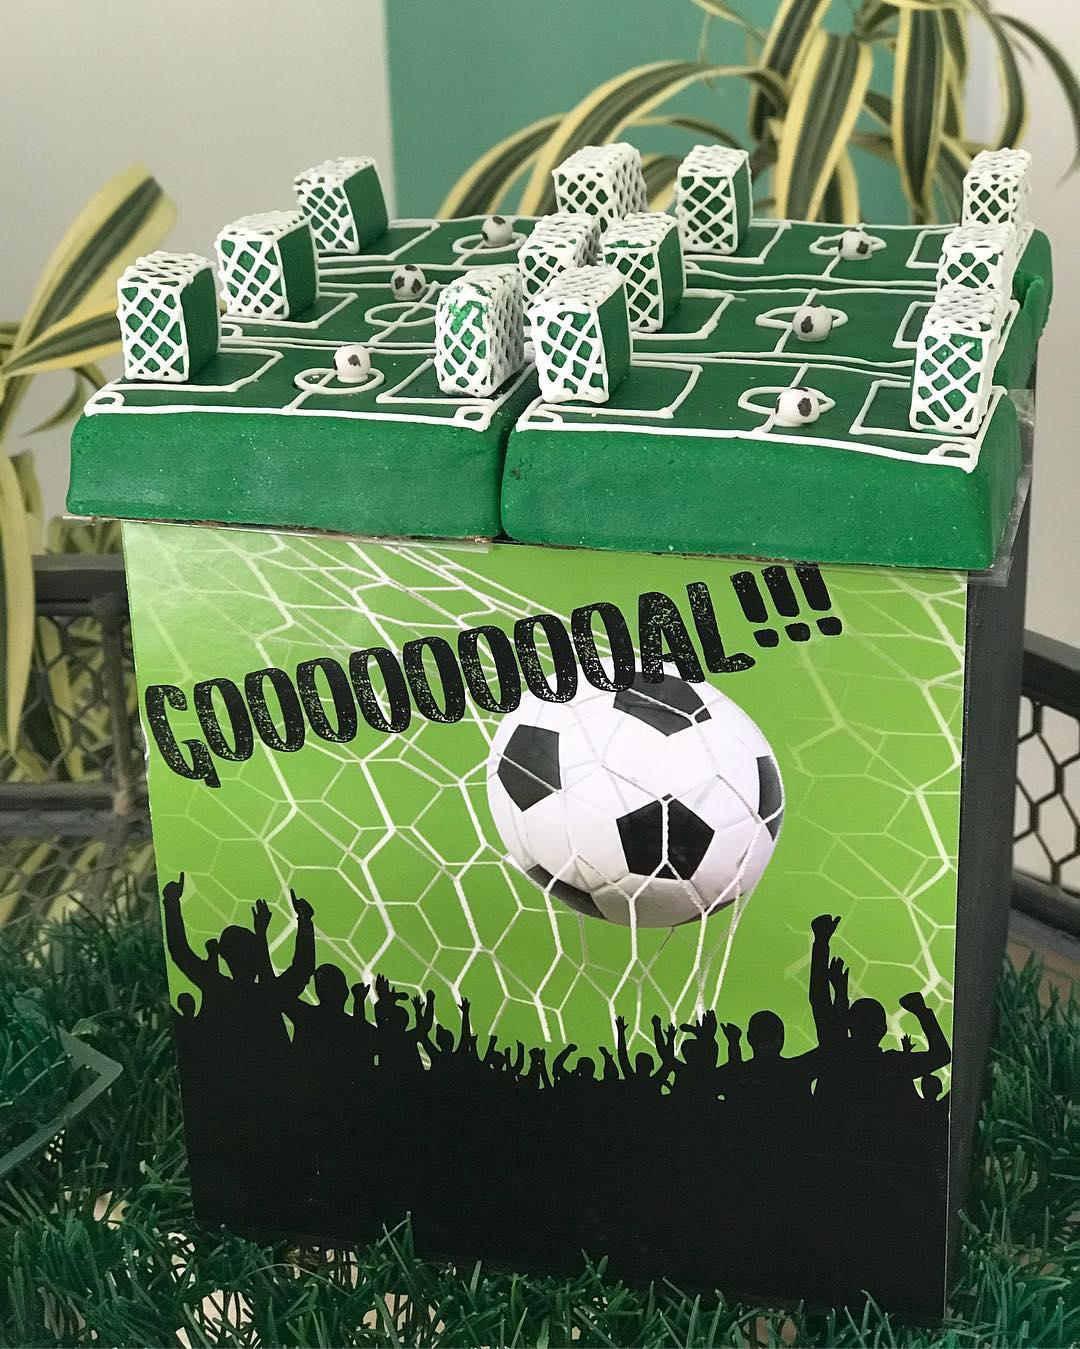 Bolo em formato de caixa, em que o topo lembra um jogo de tabuleiro de futebol, inspirado em Copa do Mundo